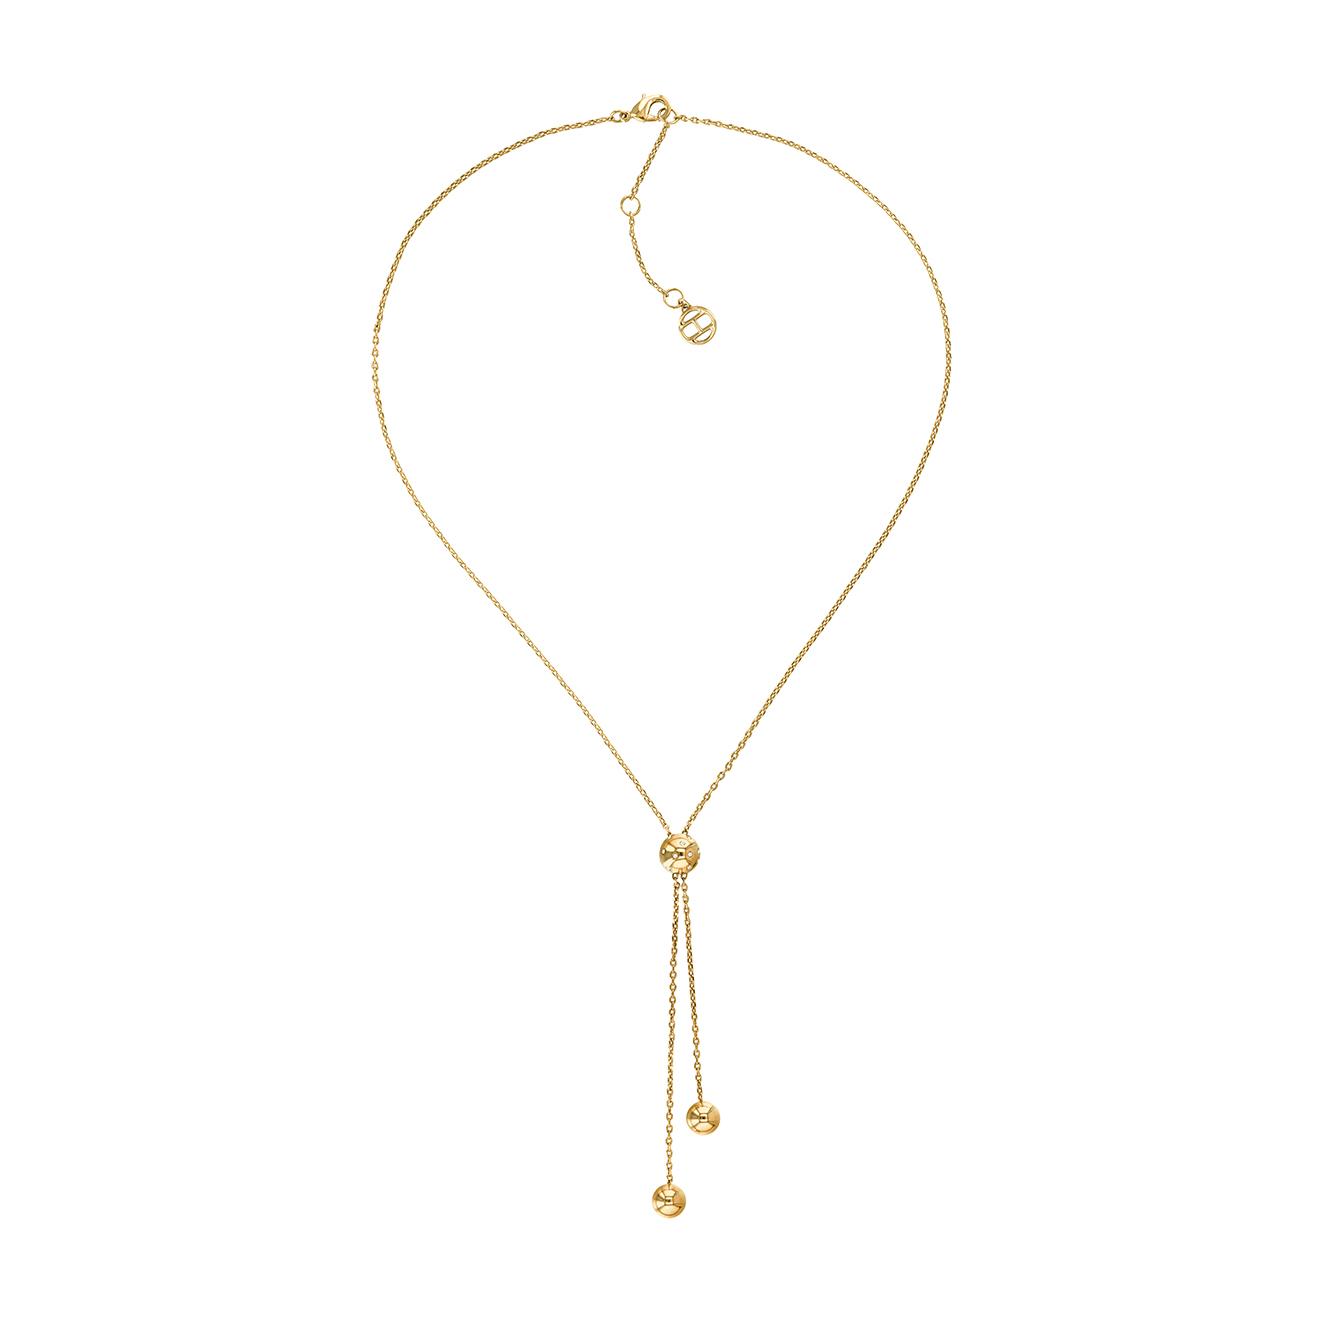 Collier de perles en Acier doré - Tommy Hilfiger - Modalova